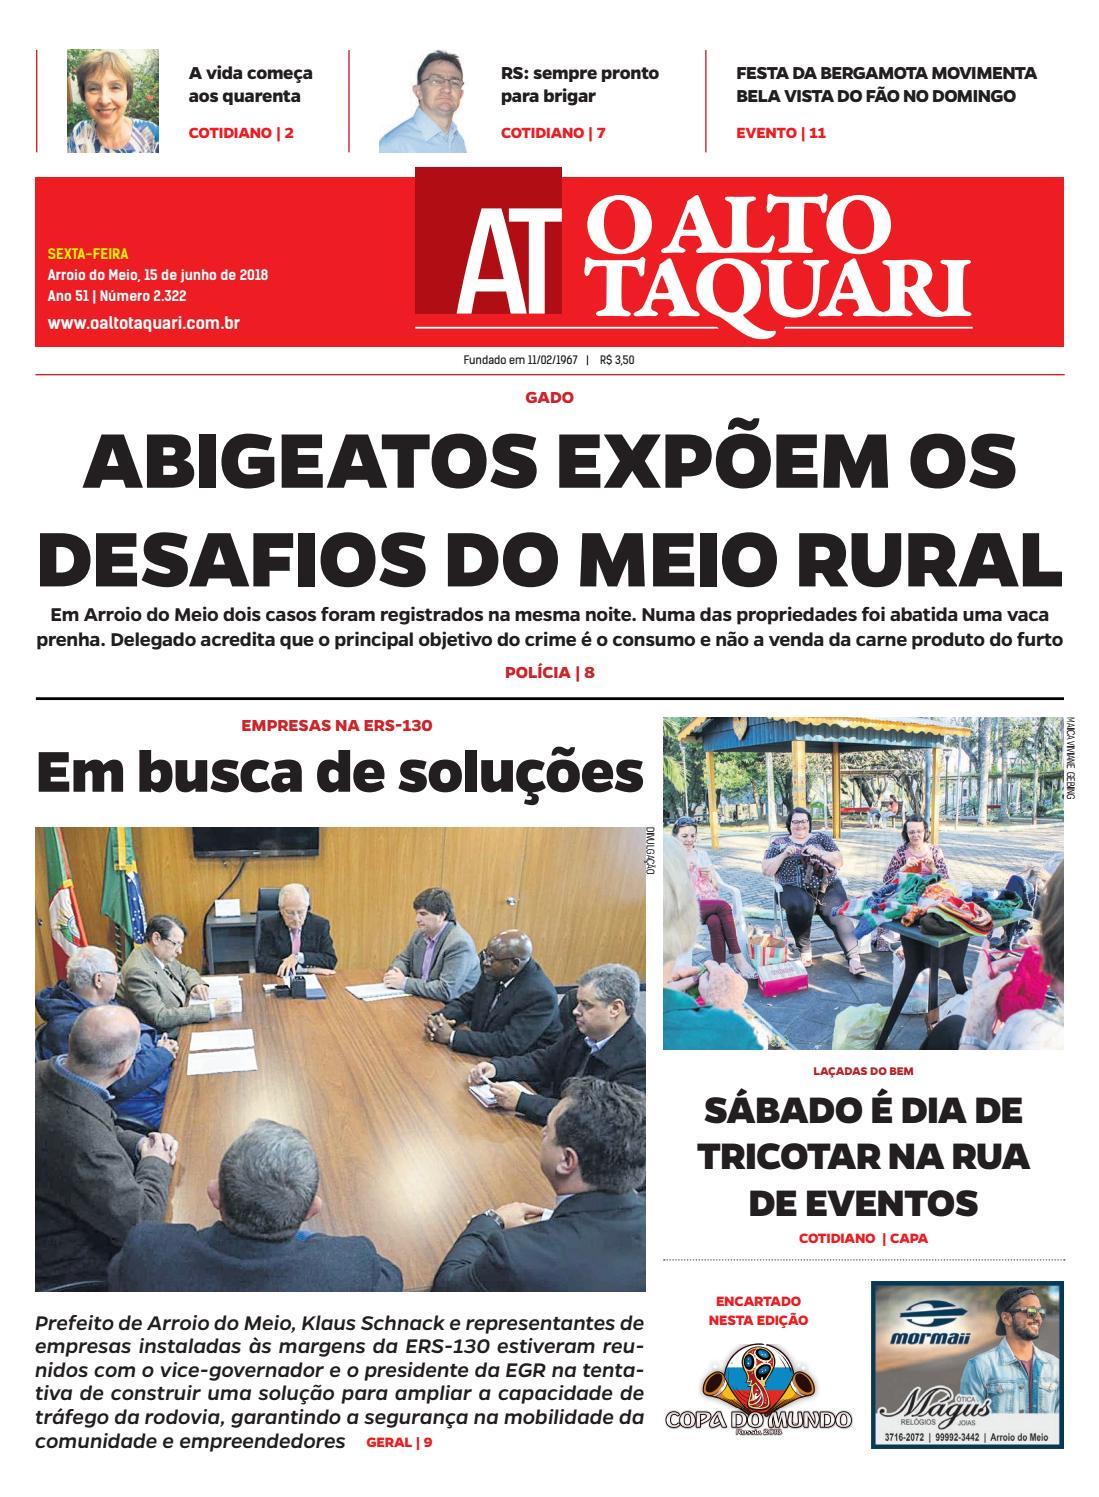 Jornal O Alto Taquari - 15 de junho de 2018 by Jornal O Alto Taquari - issuu 58e09debb55